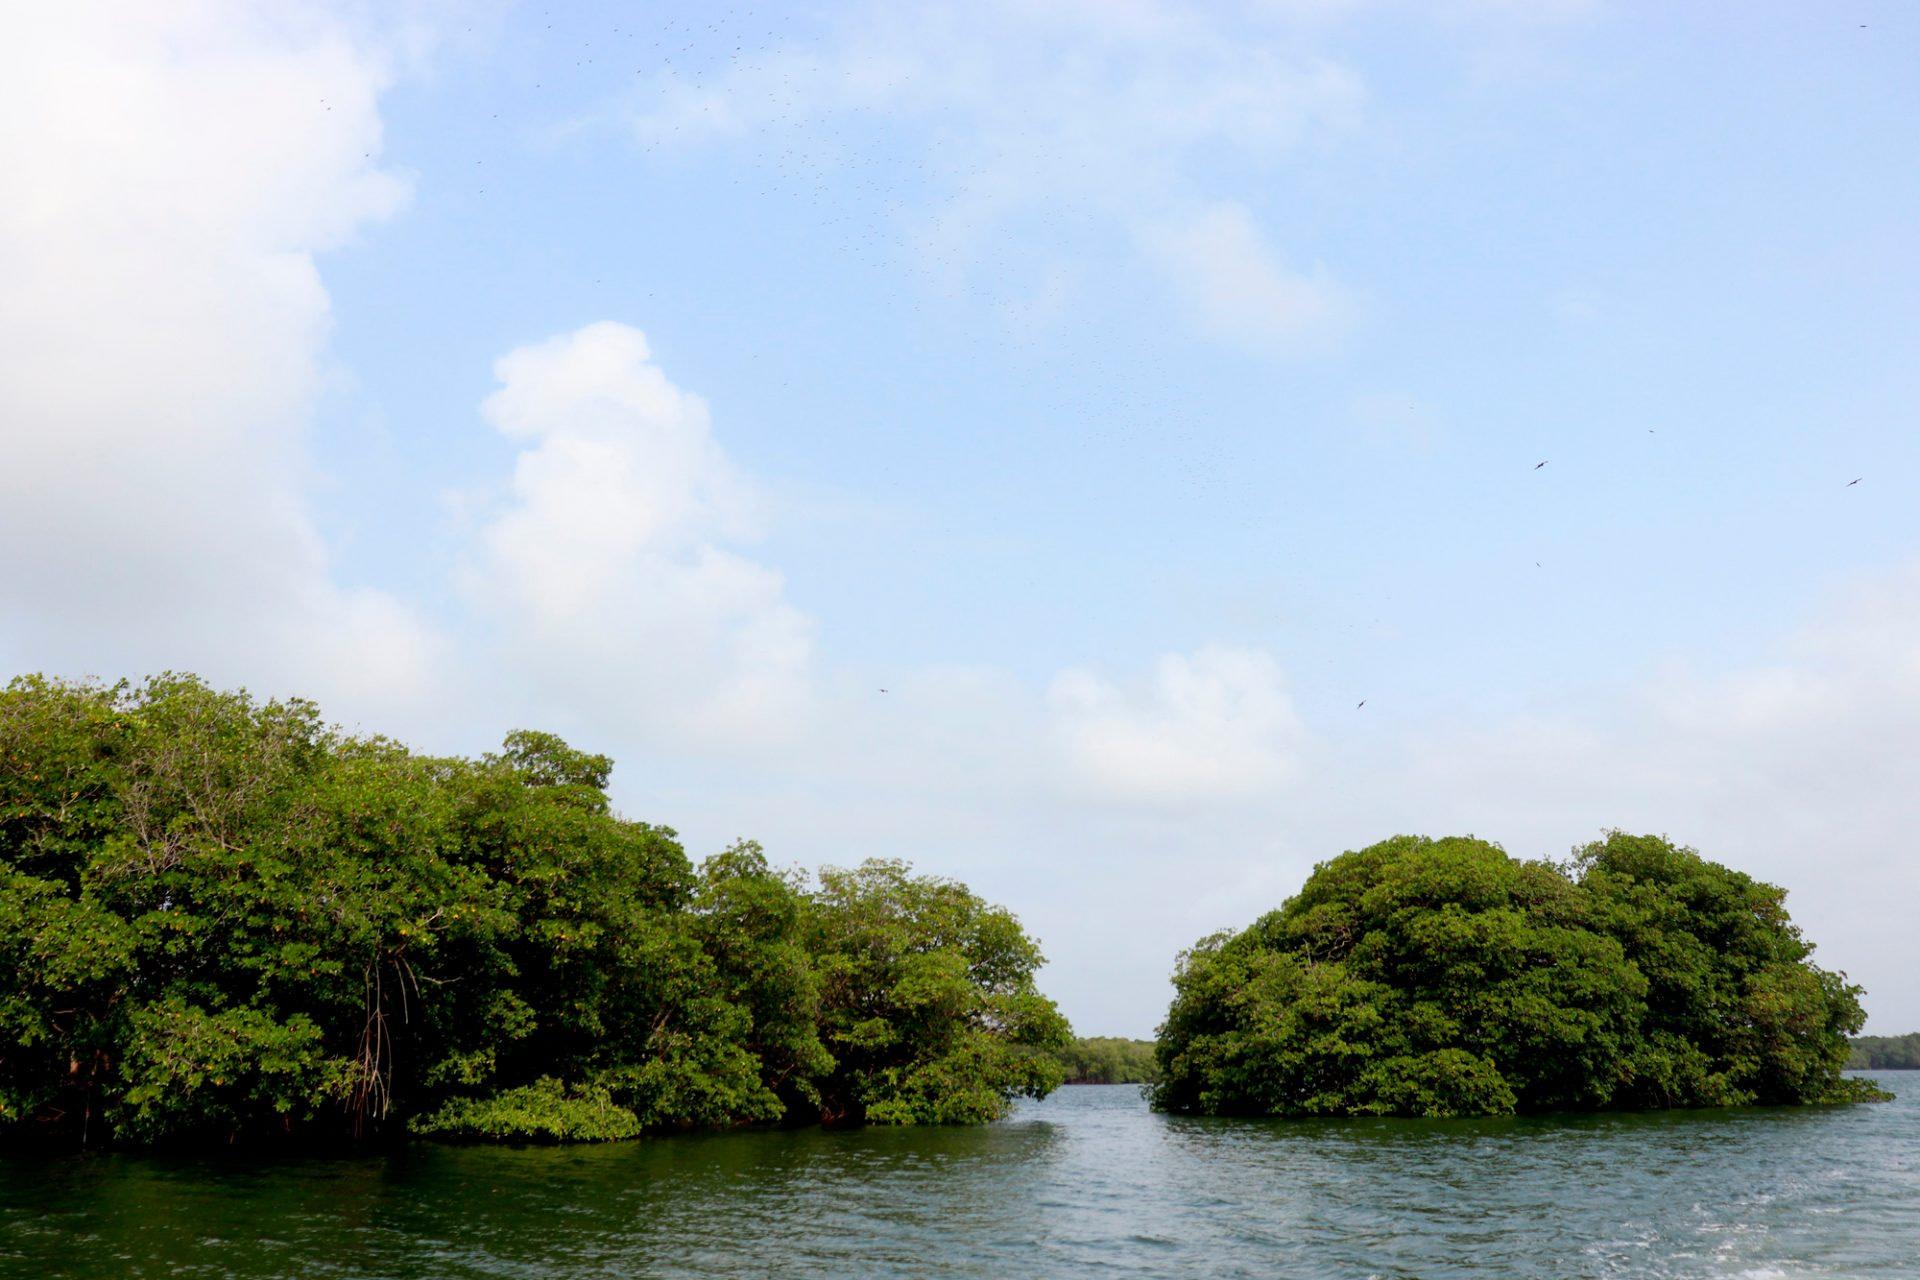 Ensenada de Rio negro, Necocli